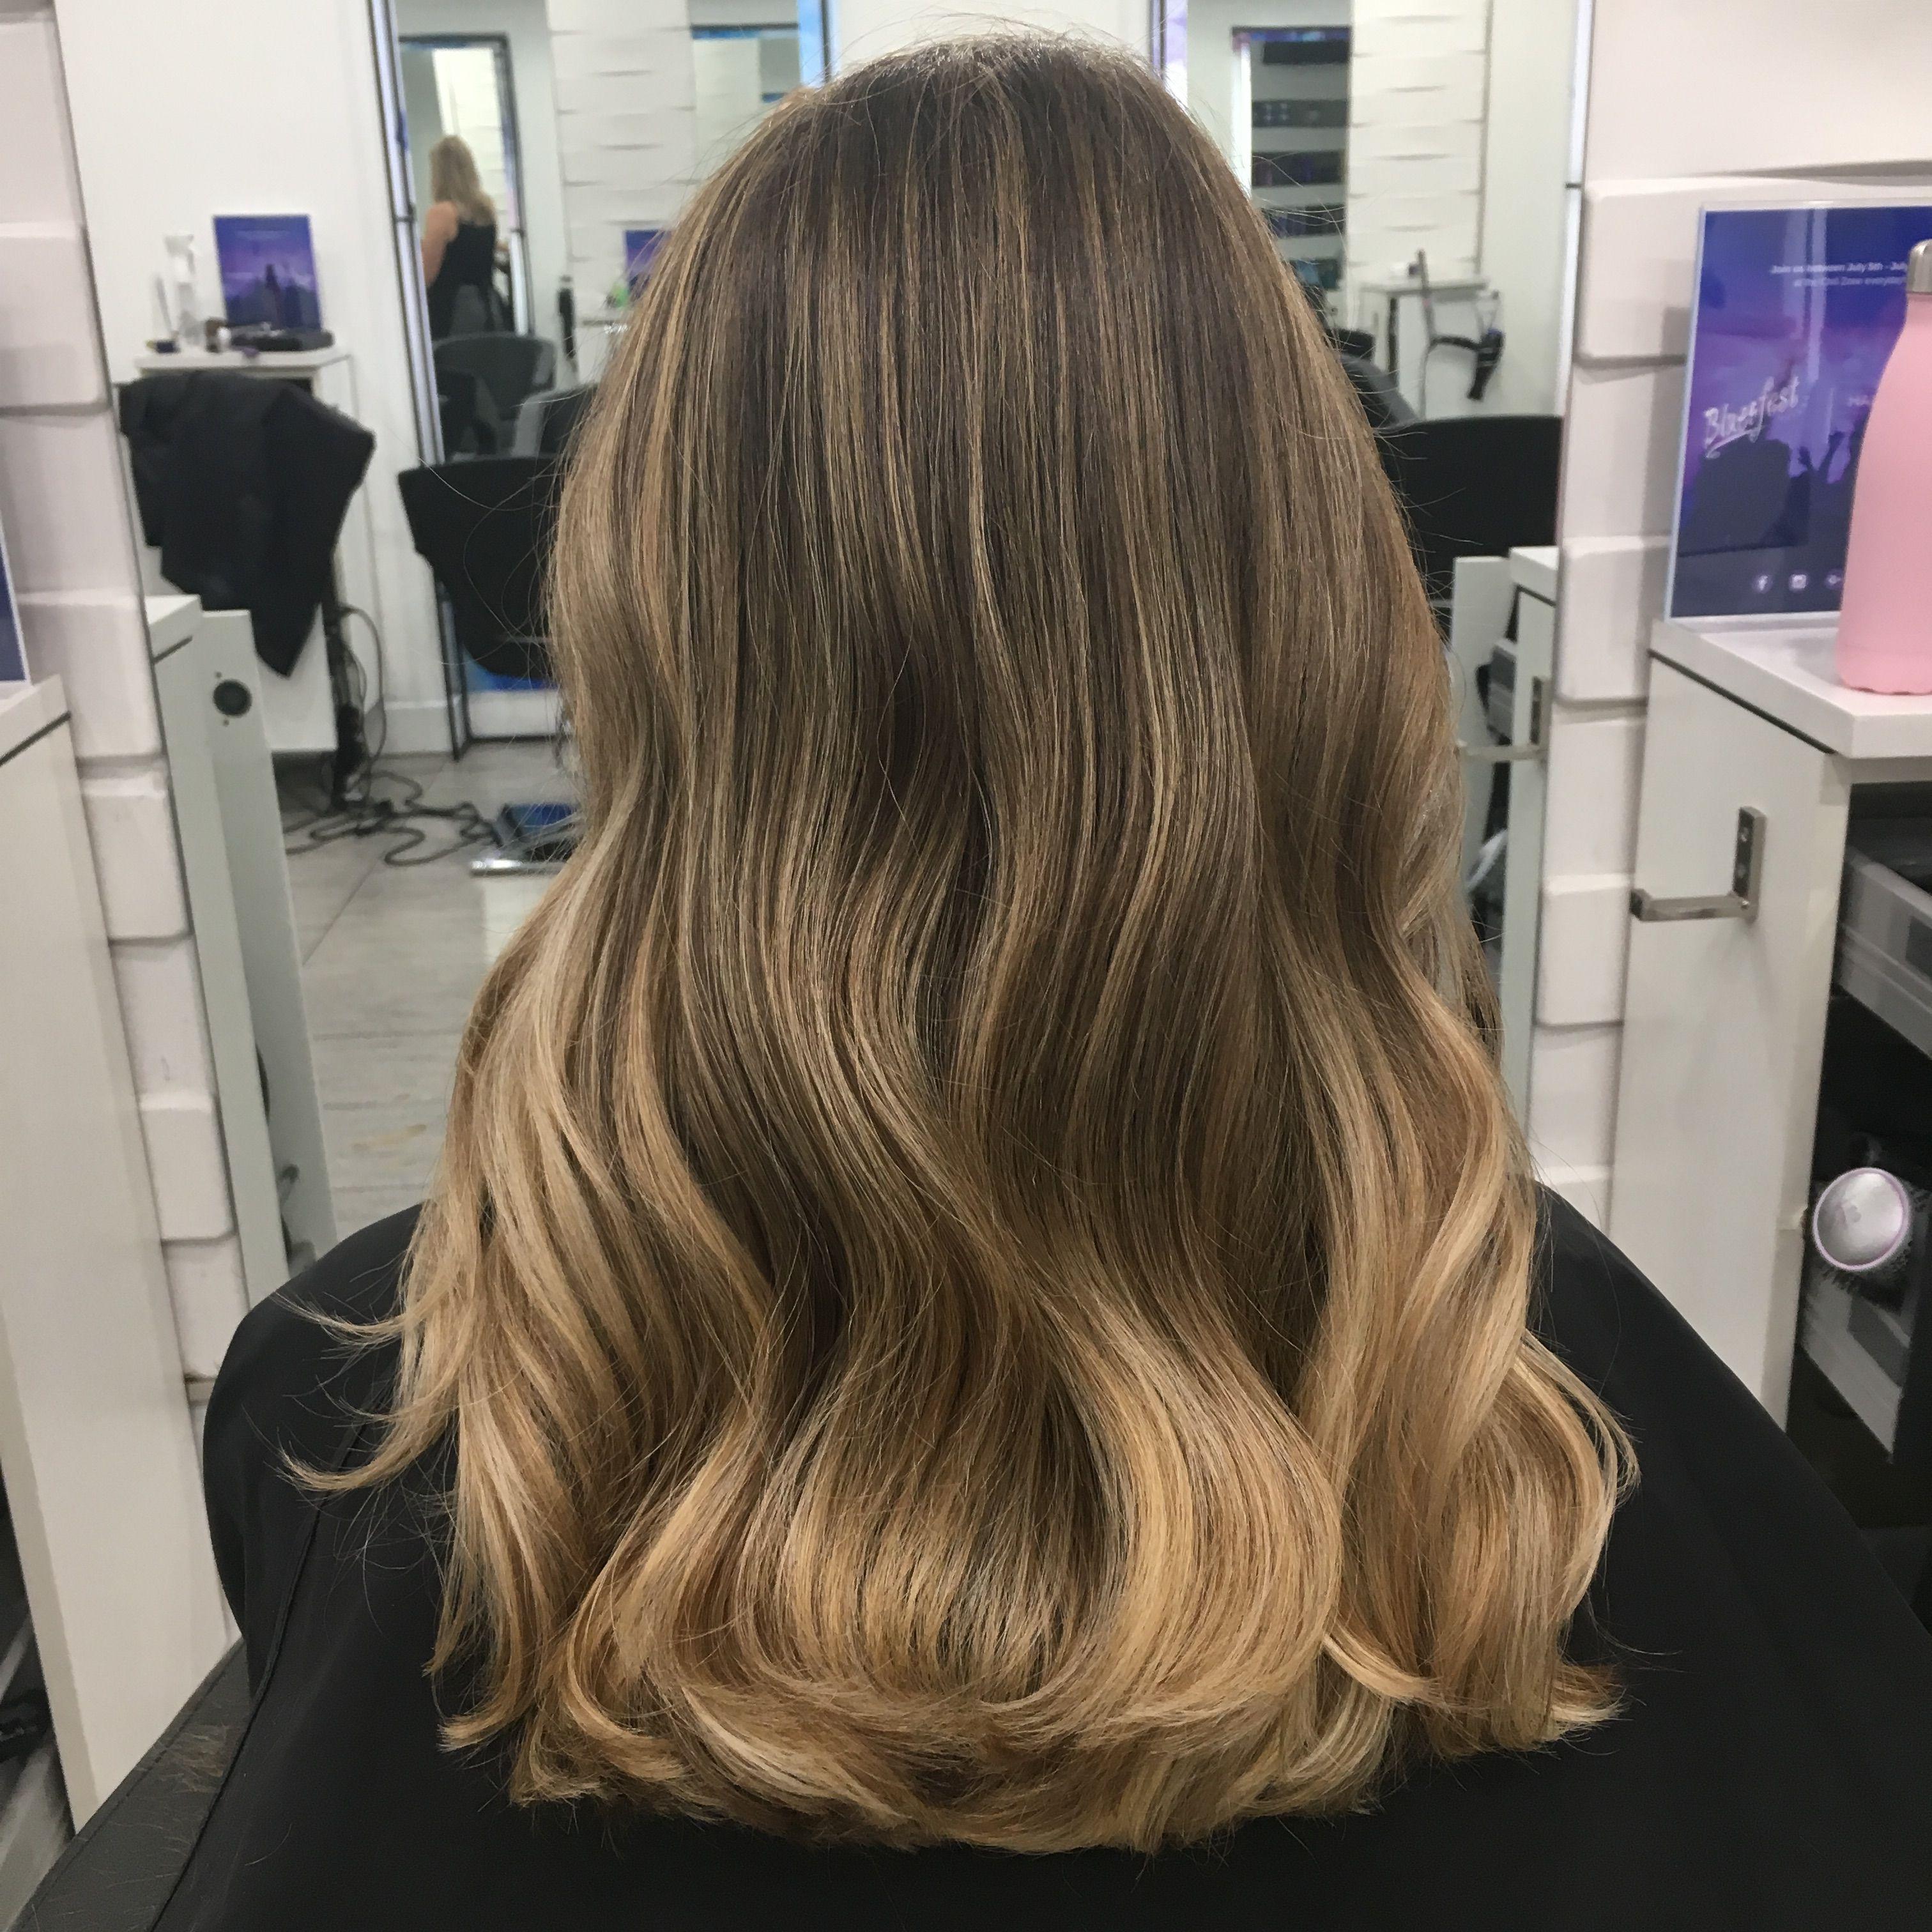 Caramel balayage caramel highlights on brown hair blonde balayage